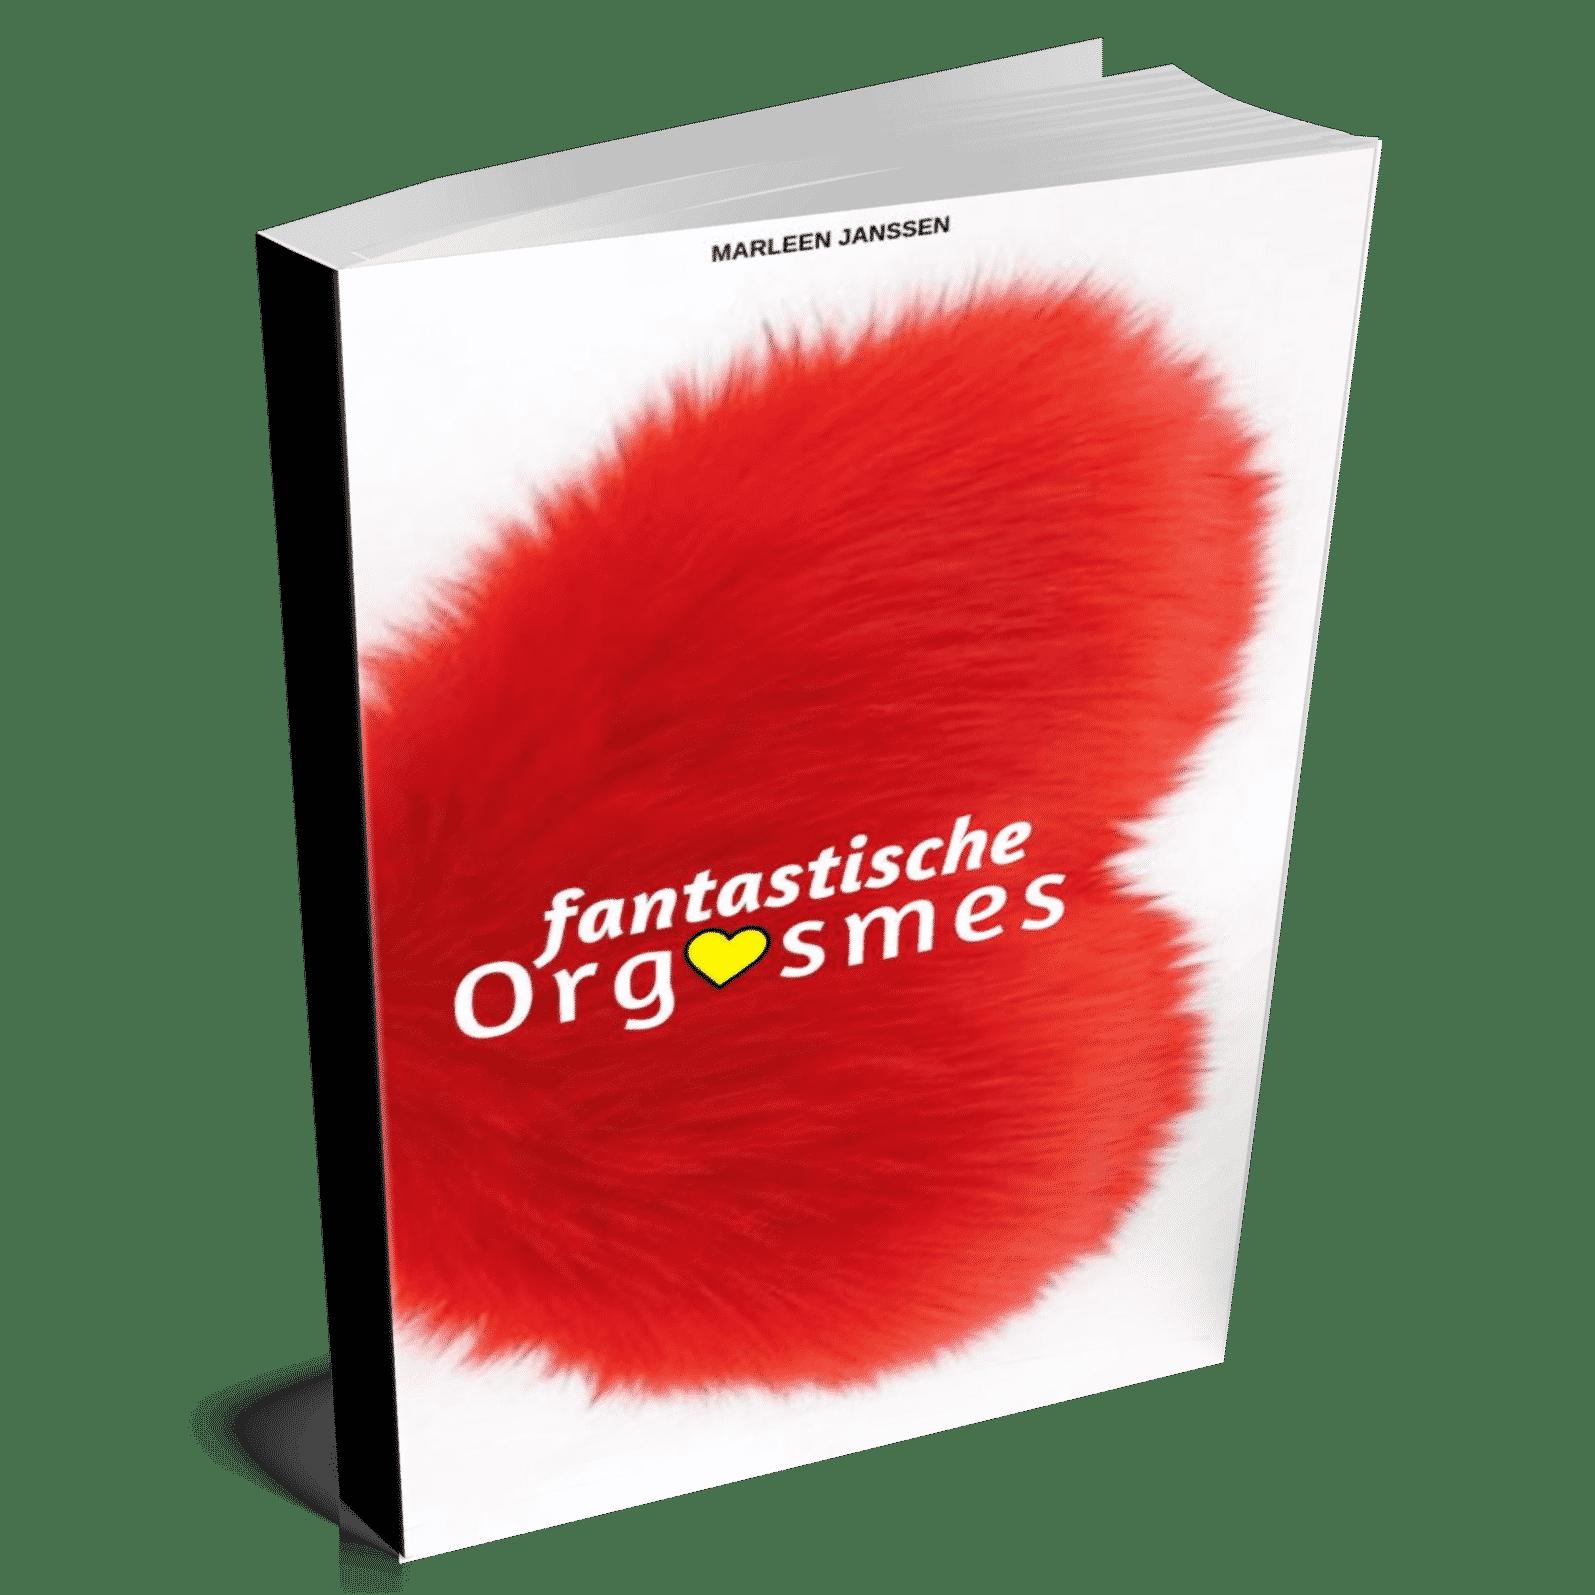 Jammer, de voorverkoop van mijn nieuwe boek Fantastische Orgasmes is voorbij. Maar... niet getreurd: vanaf 9 september a.s. is het te koop.